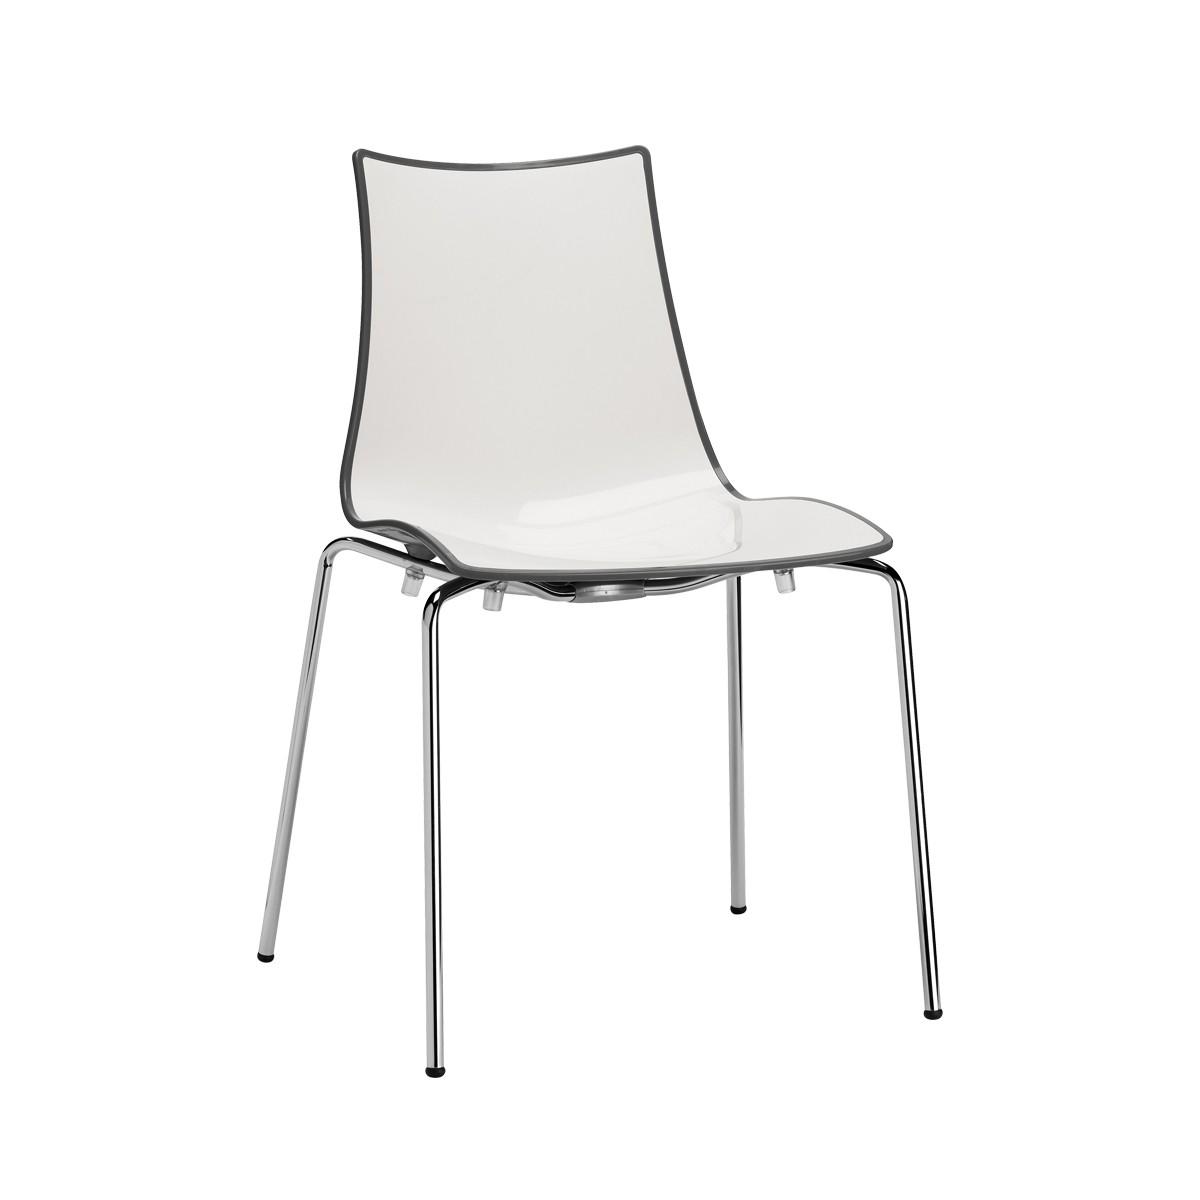 Chromowane krzesło do restauracji Zebra bicolore scab design